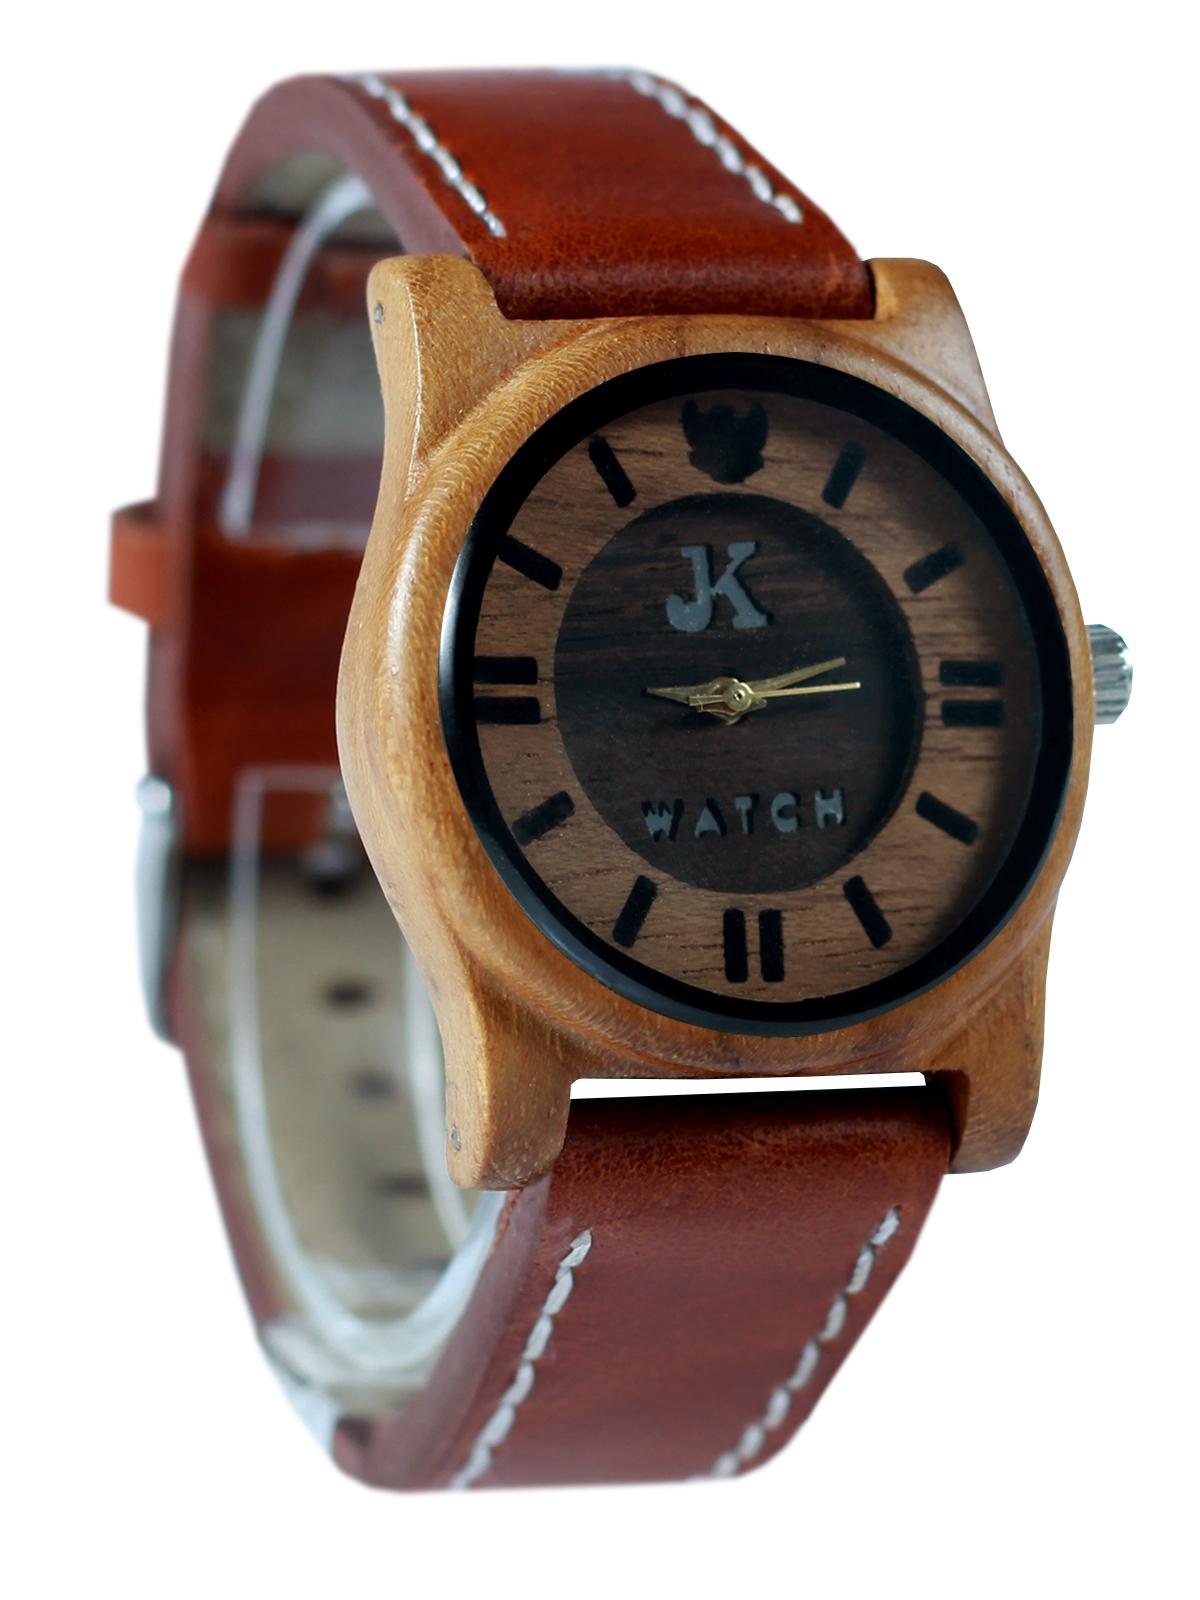 Jual Callow Jkwatch Jk Wooden Watch Jam Tangan Kayu Original ... 3e6f7db645